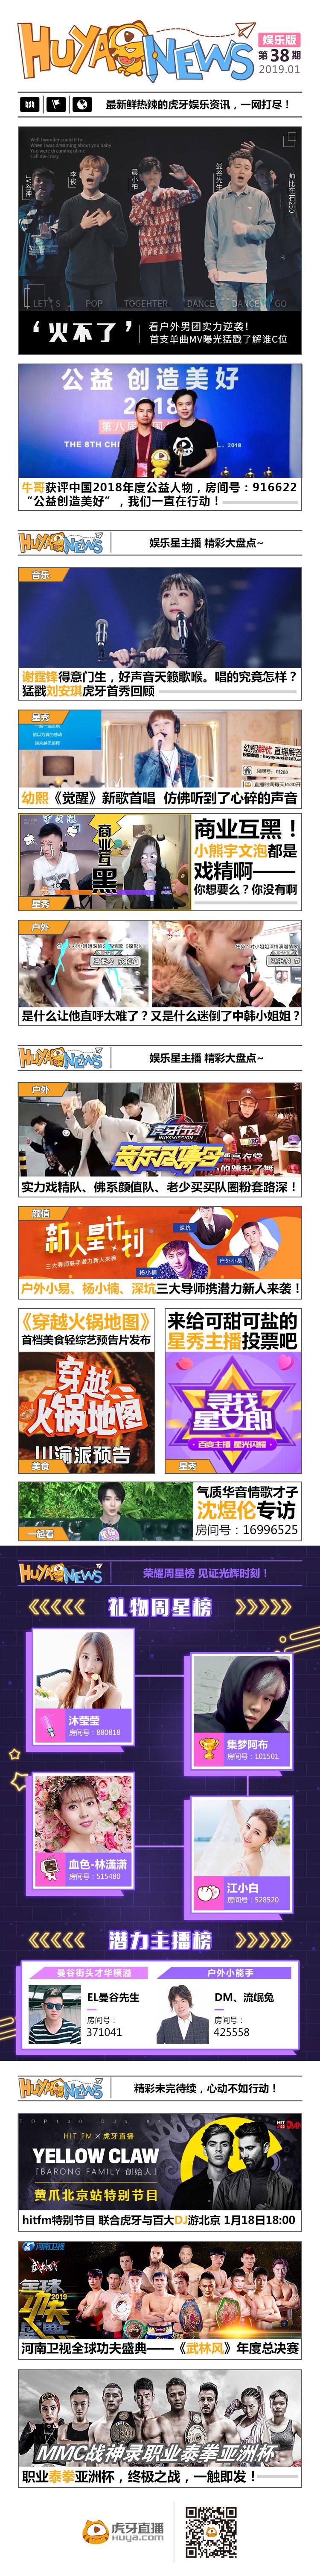 虎牙娱乐周刊第38期玩转精彩周末-手游网